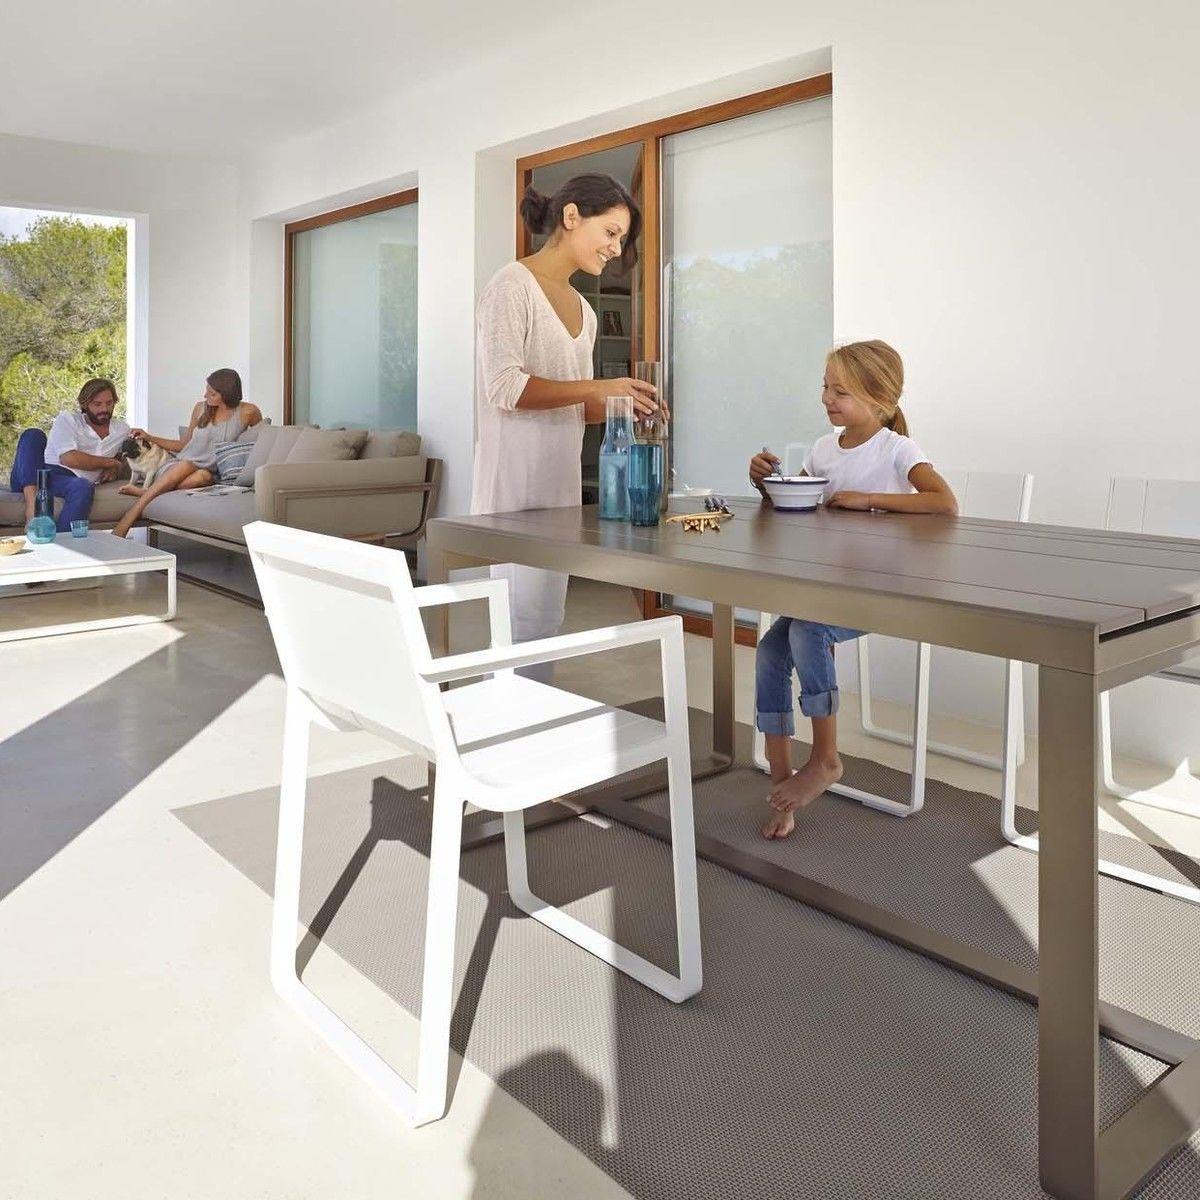 Flat silla con apoyabrazos gandia blasco for Sillas de cocina con apoyabrazos